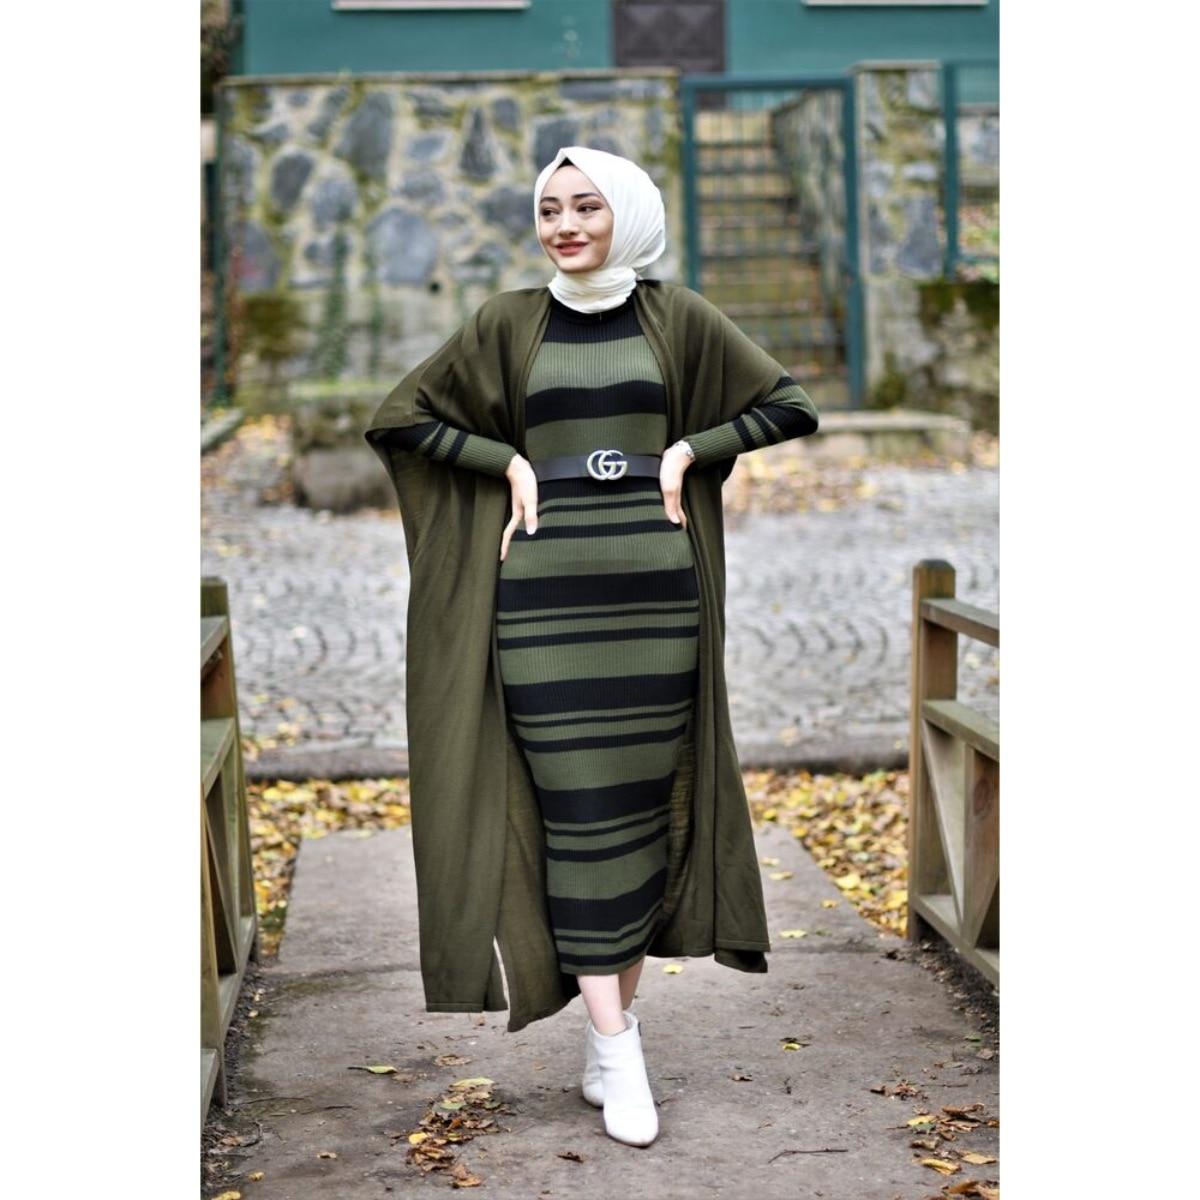 2 قطعة مجموعة المرأة مخطط ، فستان ماكسي و سترة بدلة مزدوجة للشتاء موضة إسلامية ملابس مسلمة تركيا دبي 2021